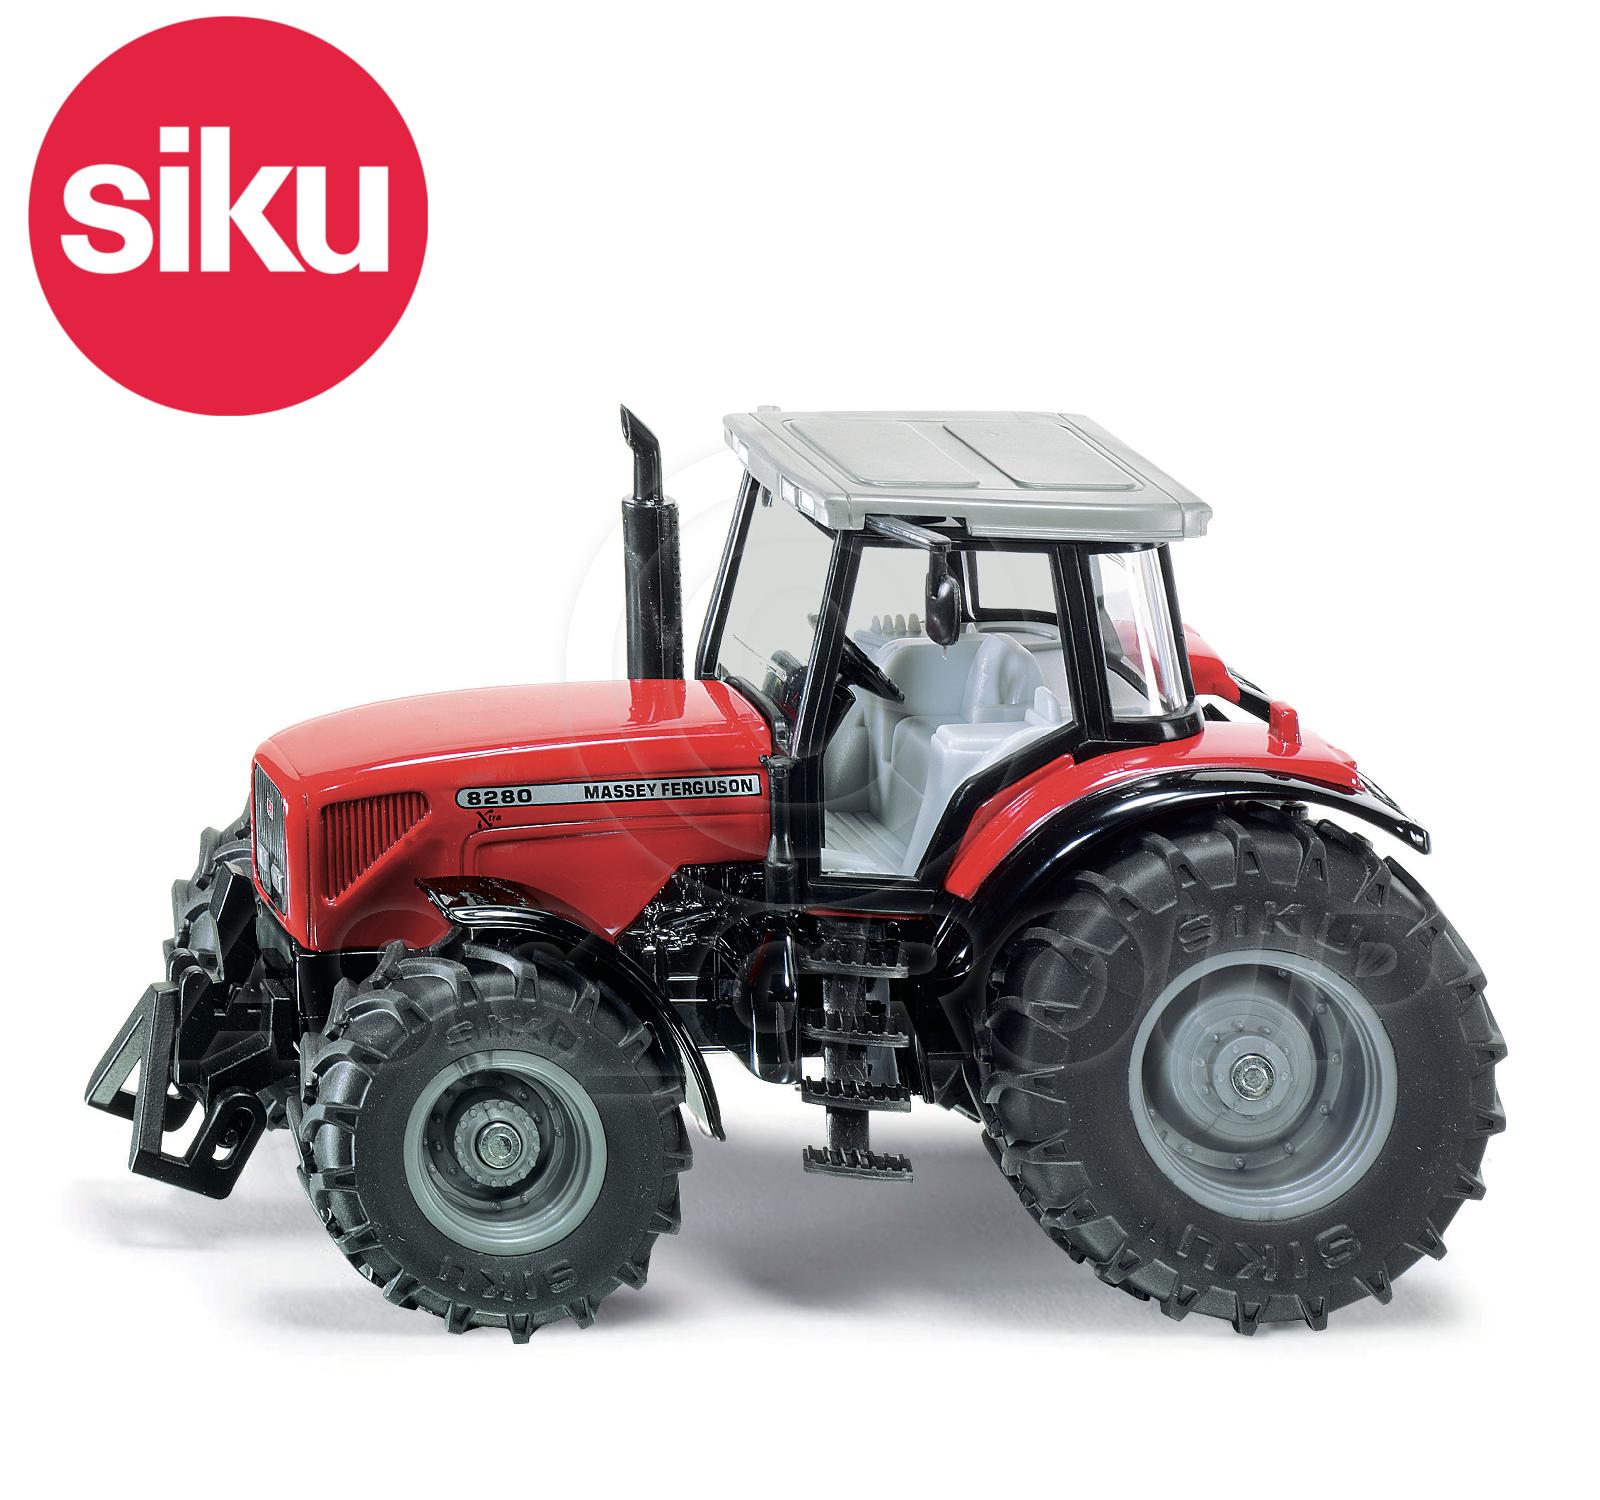 Siku no  maßstab massey ferguson mf traktor